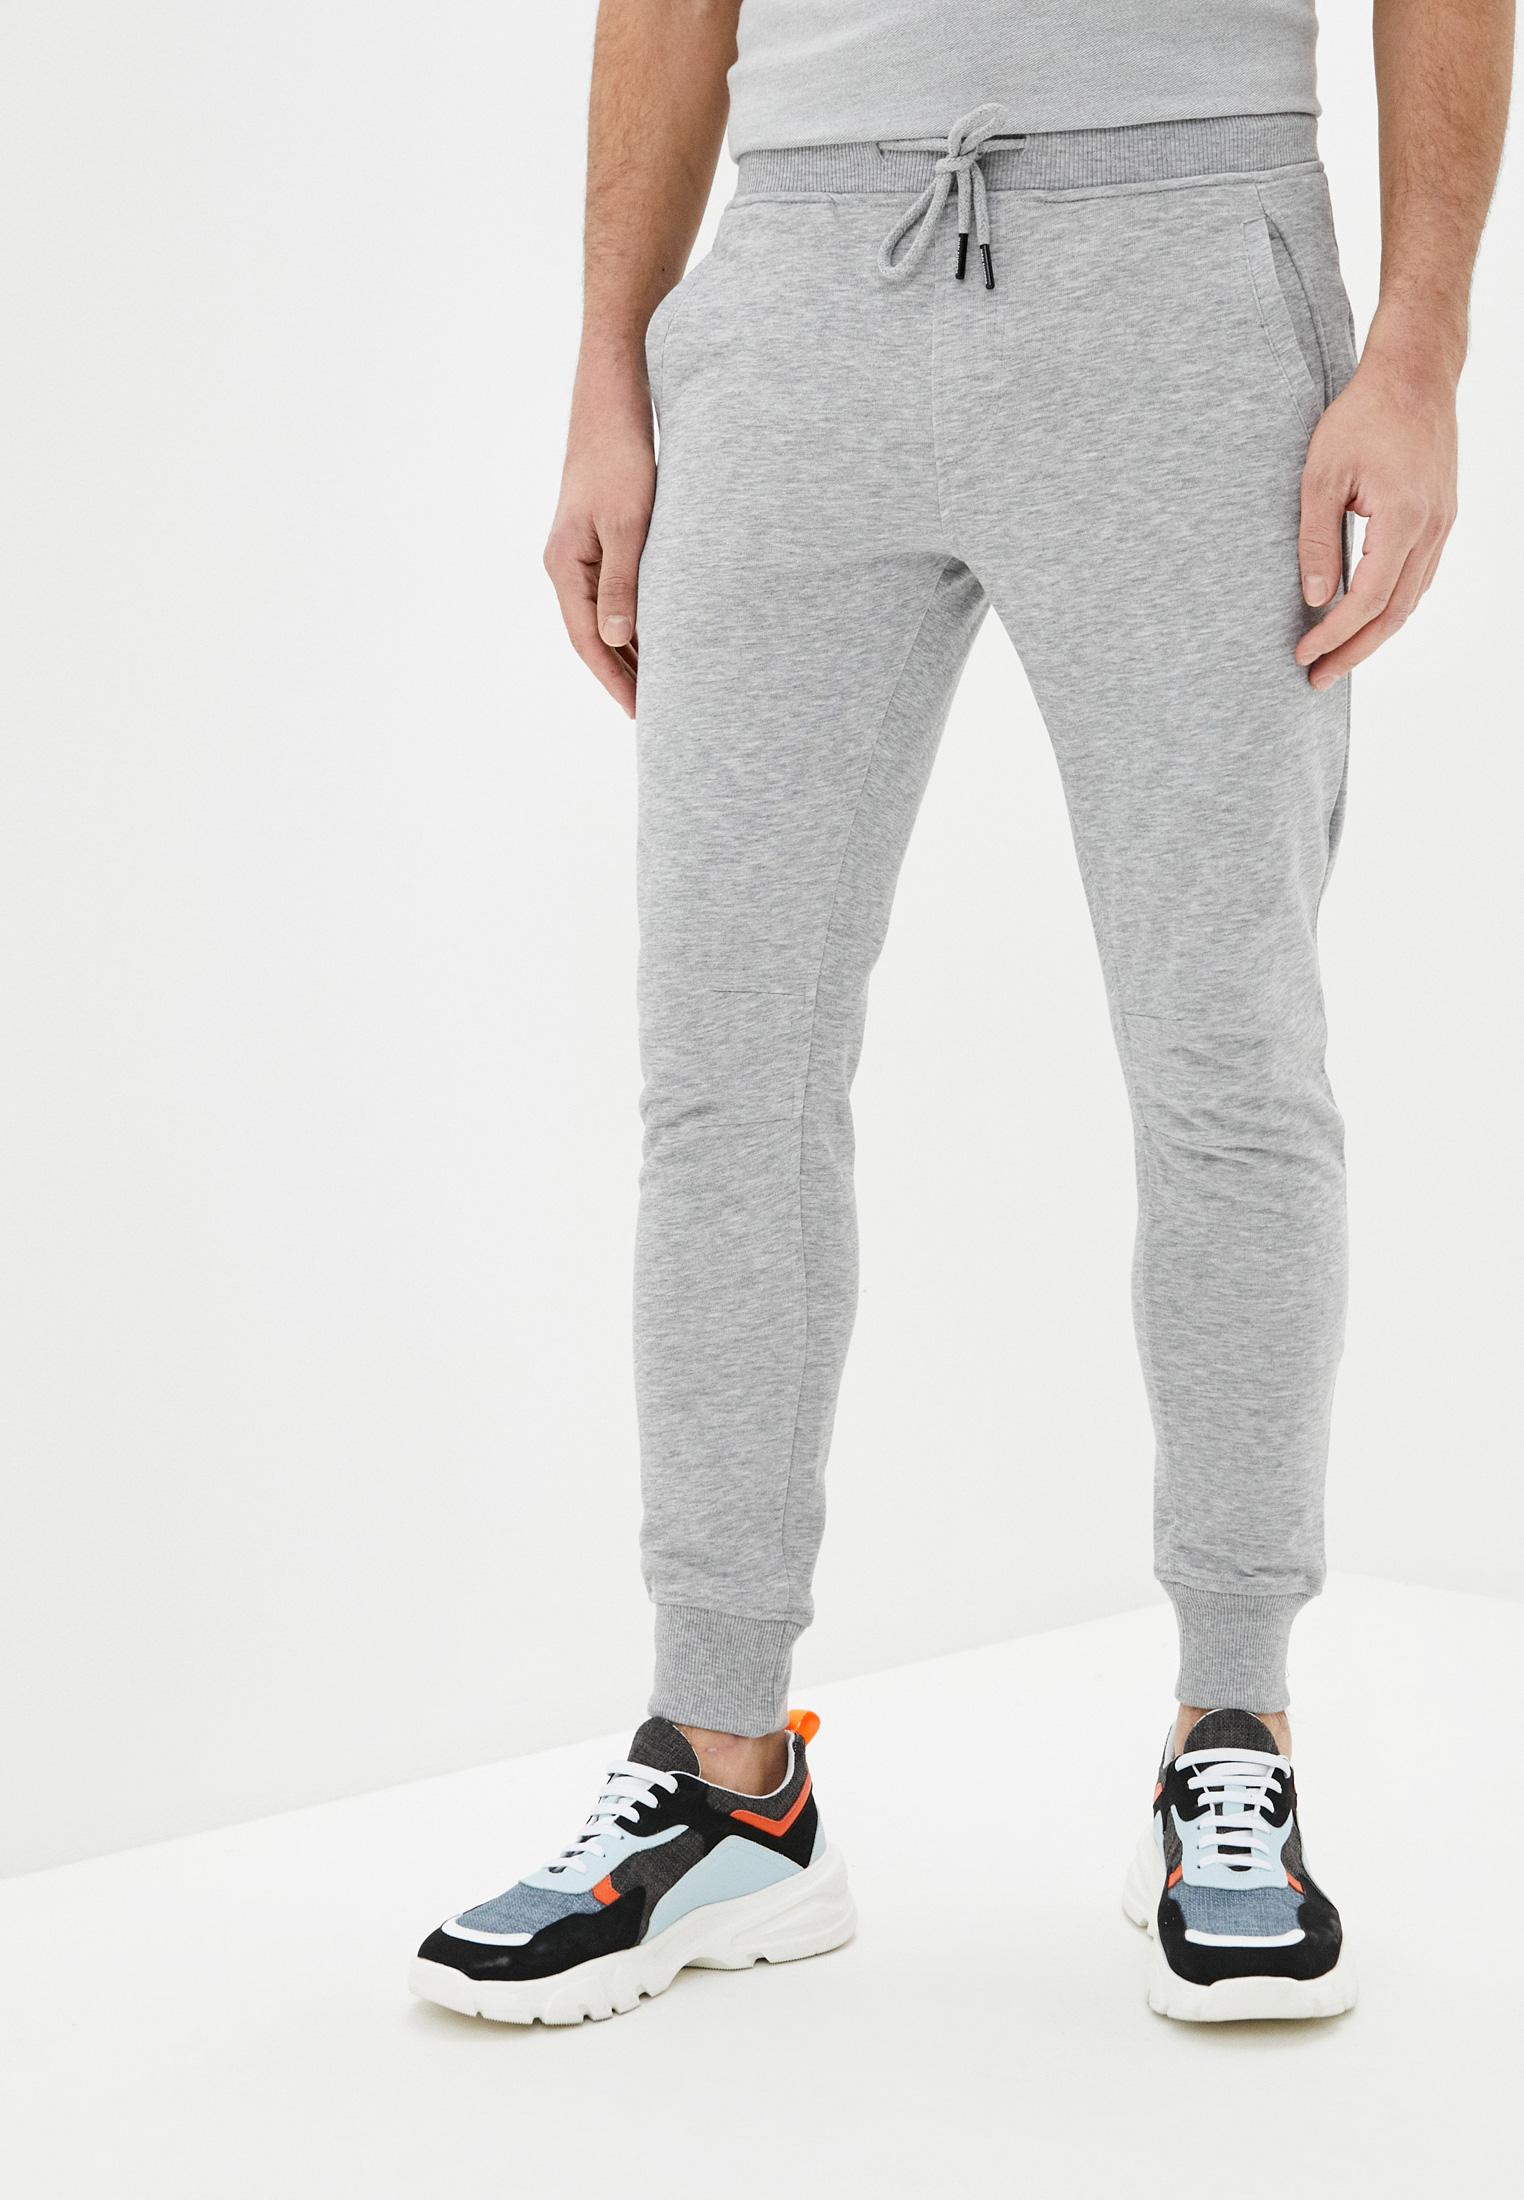 Мужские спортивные брюки JIMMY SANDERS (Джимми Сандерс) 20W TRSM16000 GREY